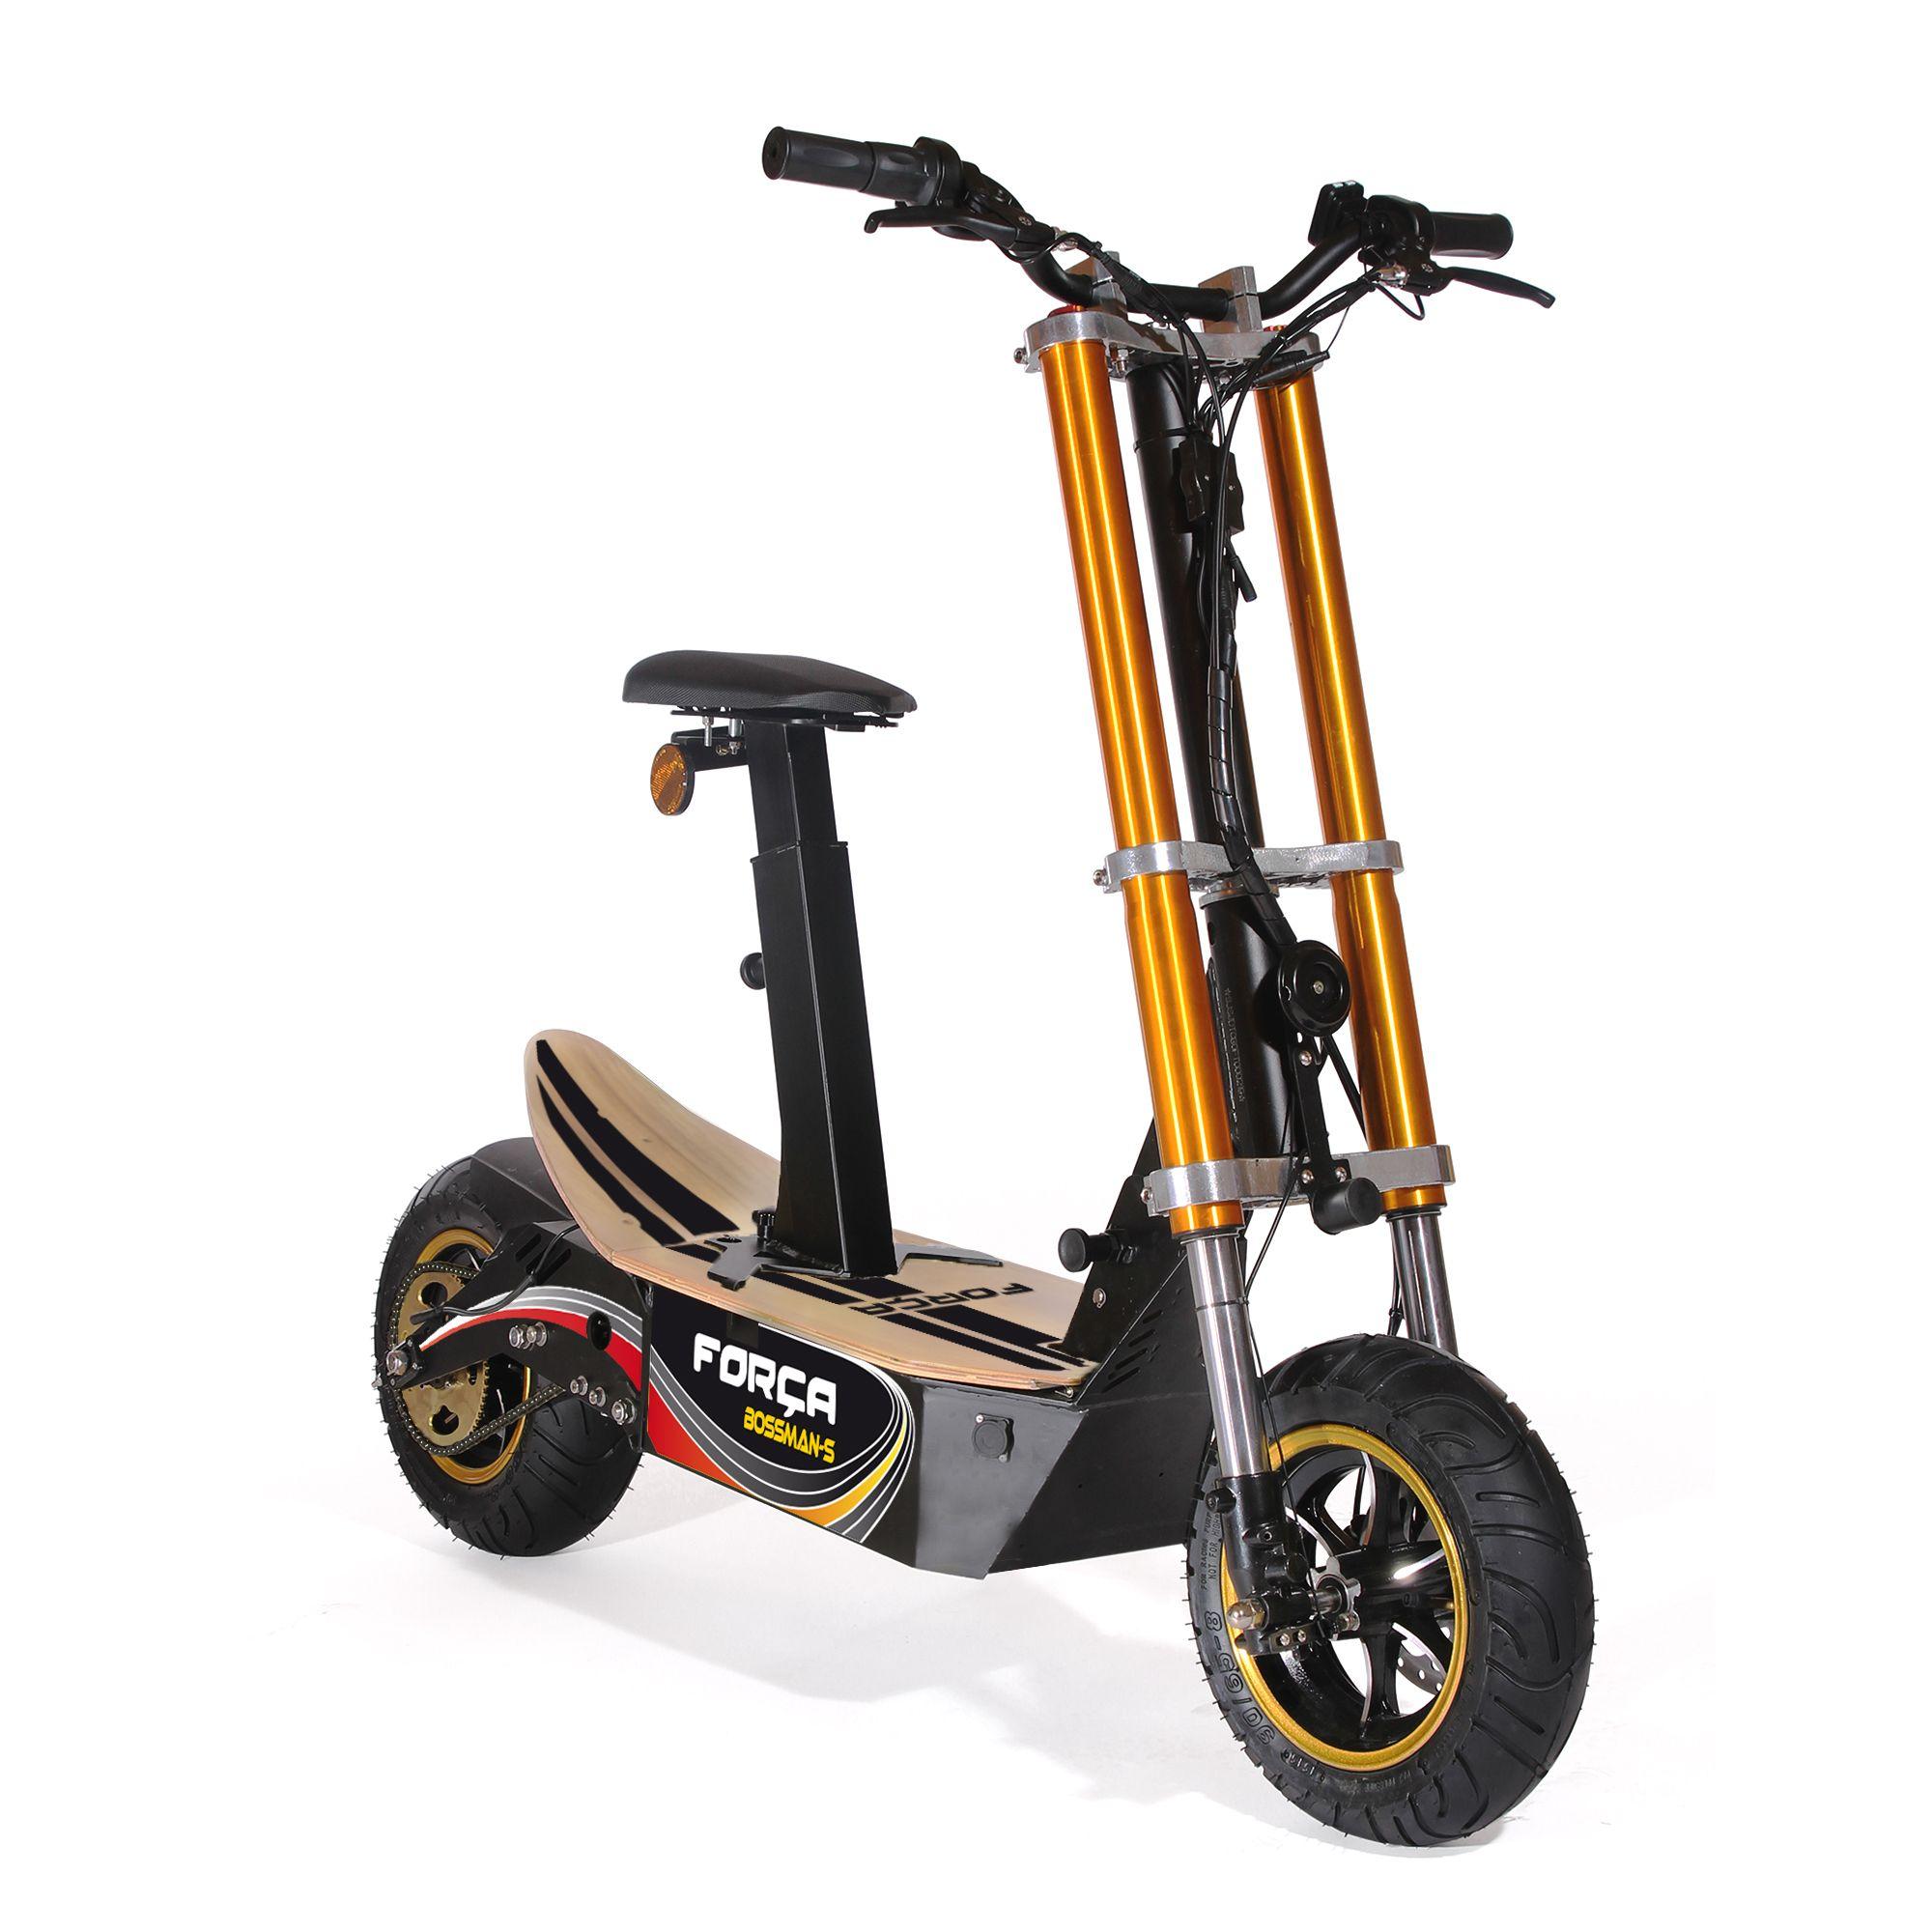 for a bossman s elektro scooter mit 18ah bleigel akku 48 v 1500 w stra enzulassung eec 45km h. Black Bedroom Furniture Sets. Home Design Ideas